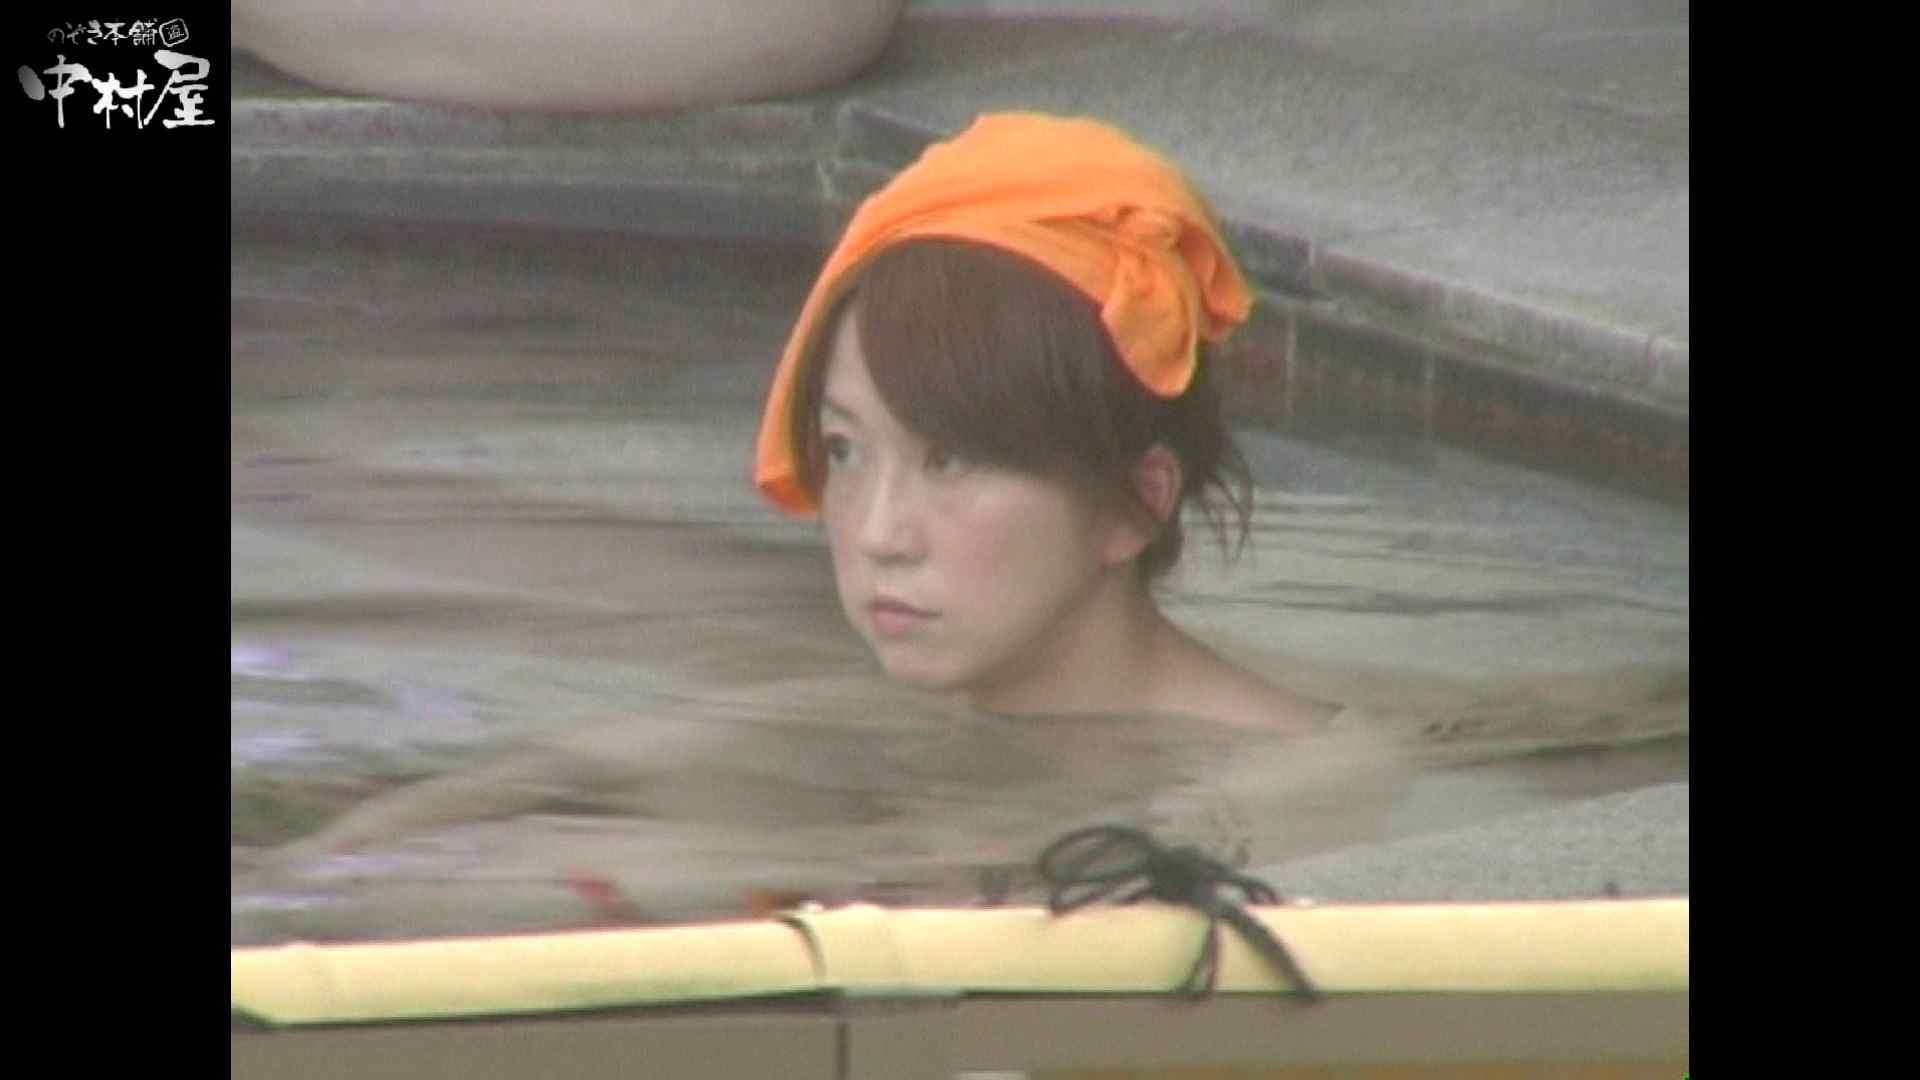 Aquaな露天風呂Vol.941 OLのエロ生活 アダルト動画キャプチャ 107連発 38